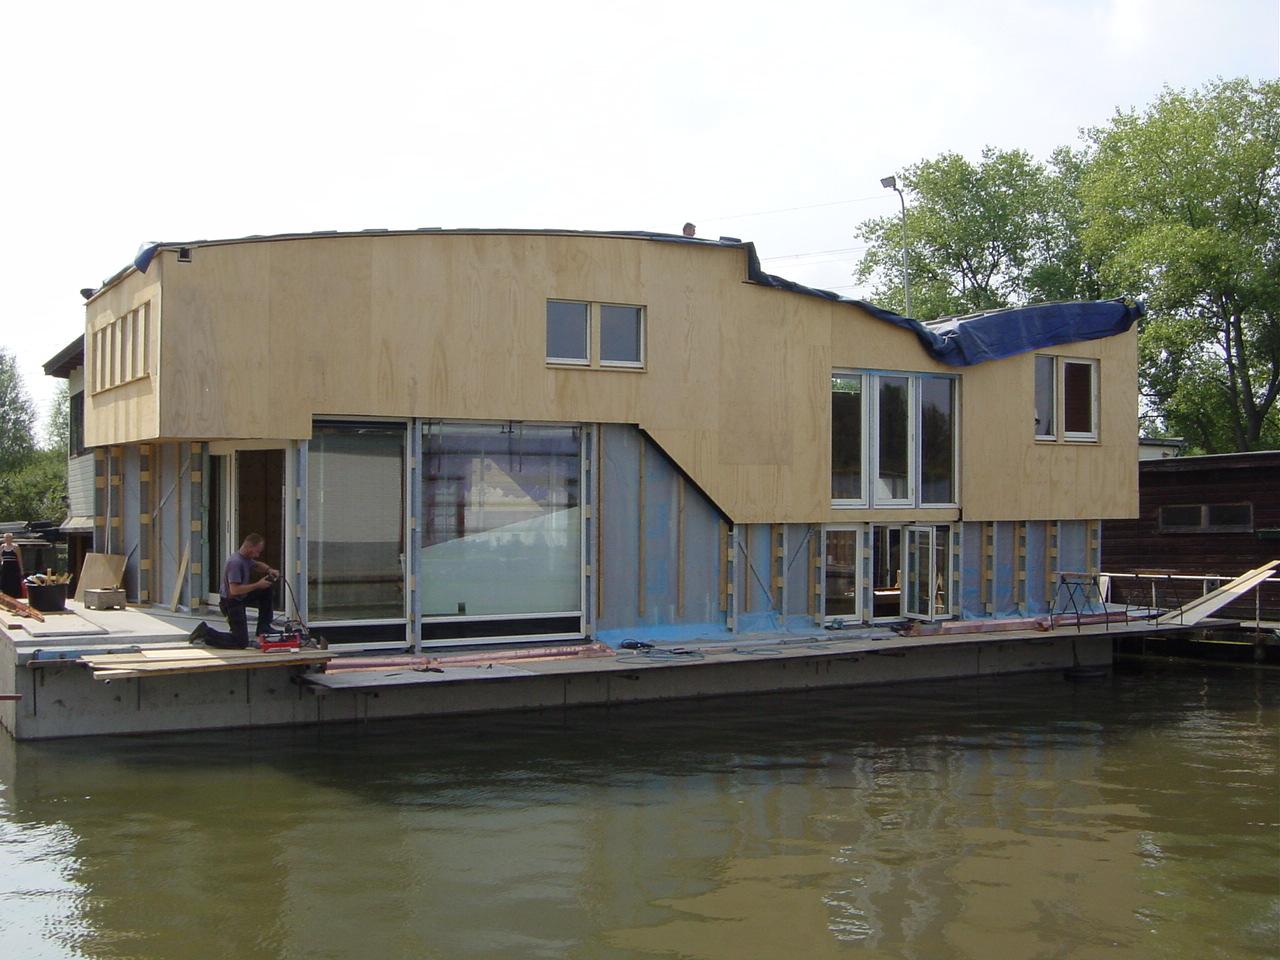 Bouw woonboot beelen cs architecten for Binnenzwembad bouwen